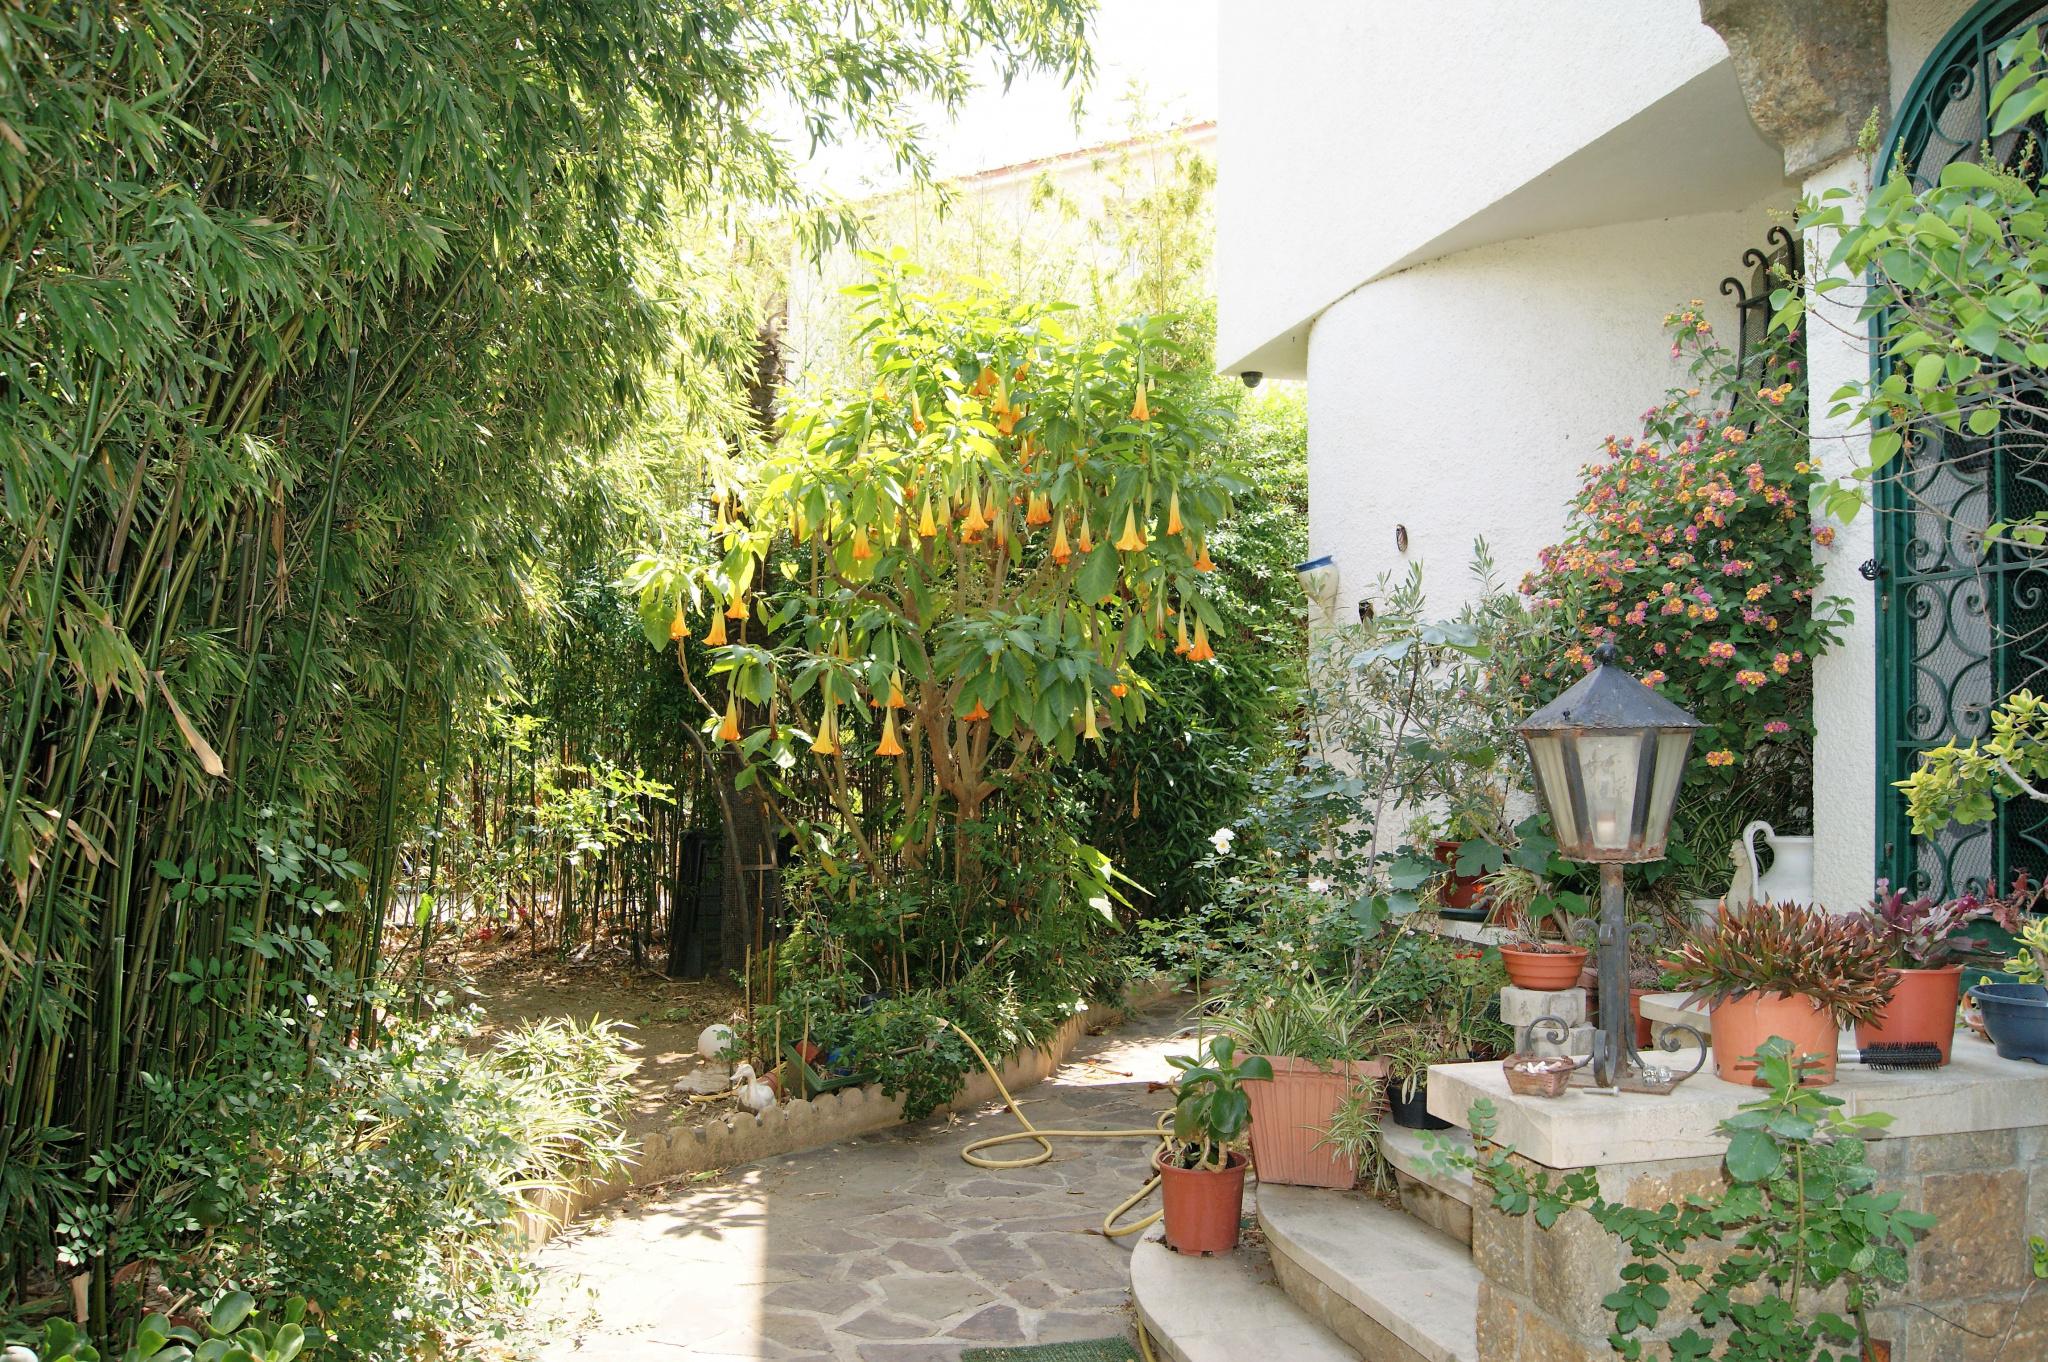 jardin devant l'entrée de la maison